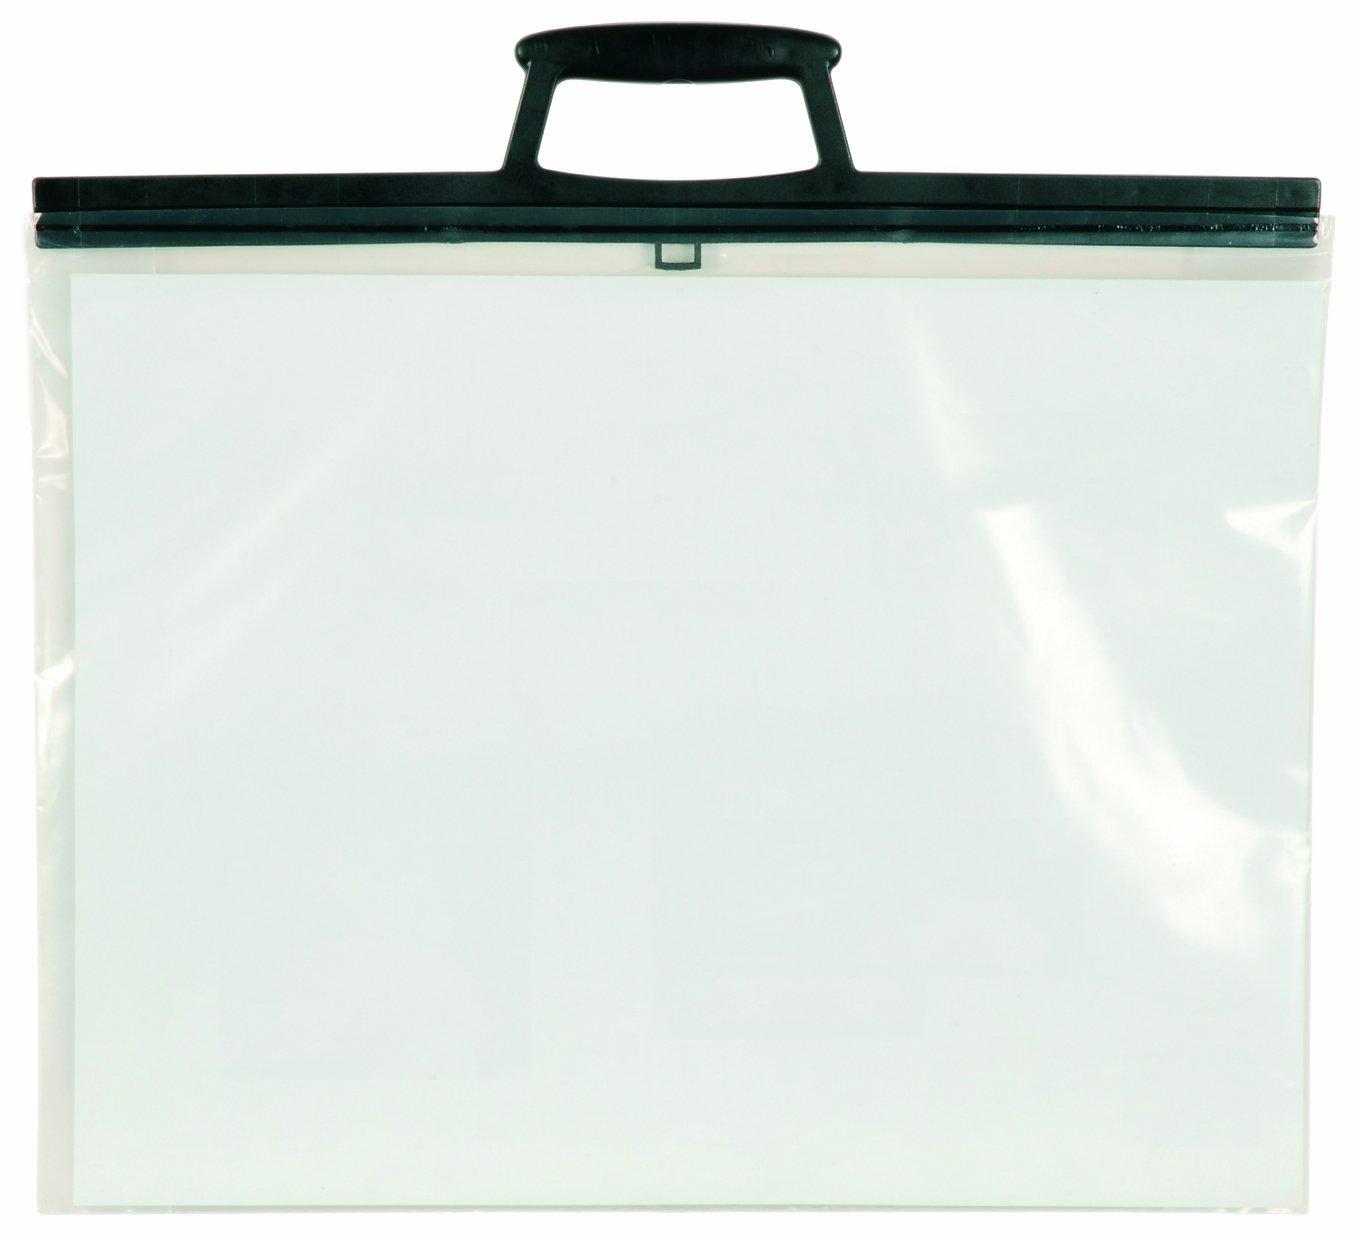 West con maniglia Busta porta disegni in formato A3 in plastica trasparente